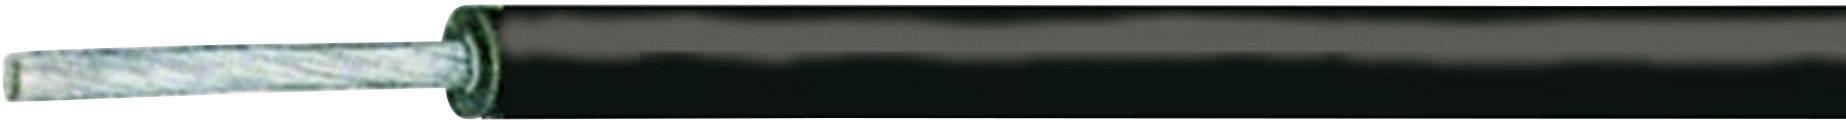 Stikalna žica SiL-SiAF 1 x 1.50 mm, črna XBK Kabel cena za meter